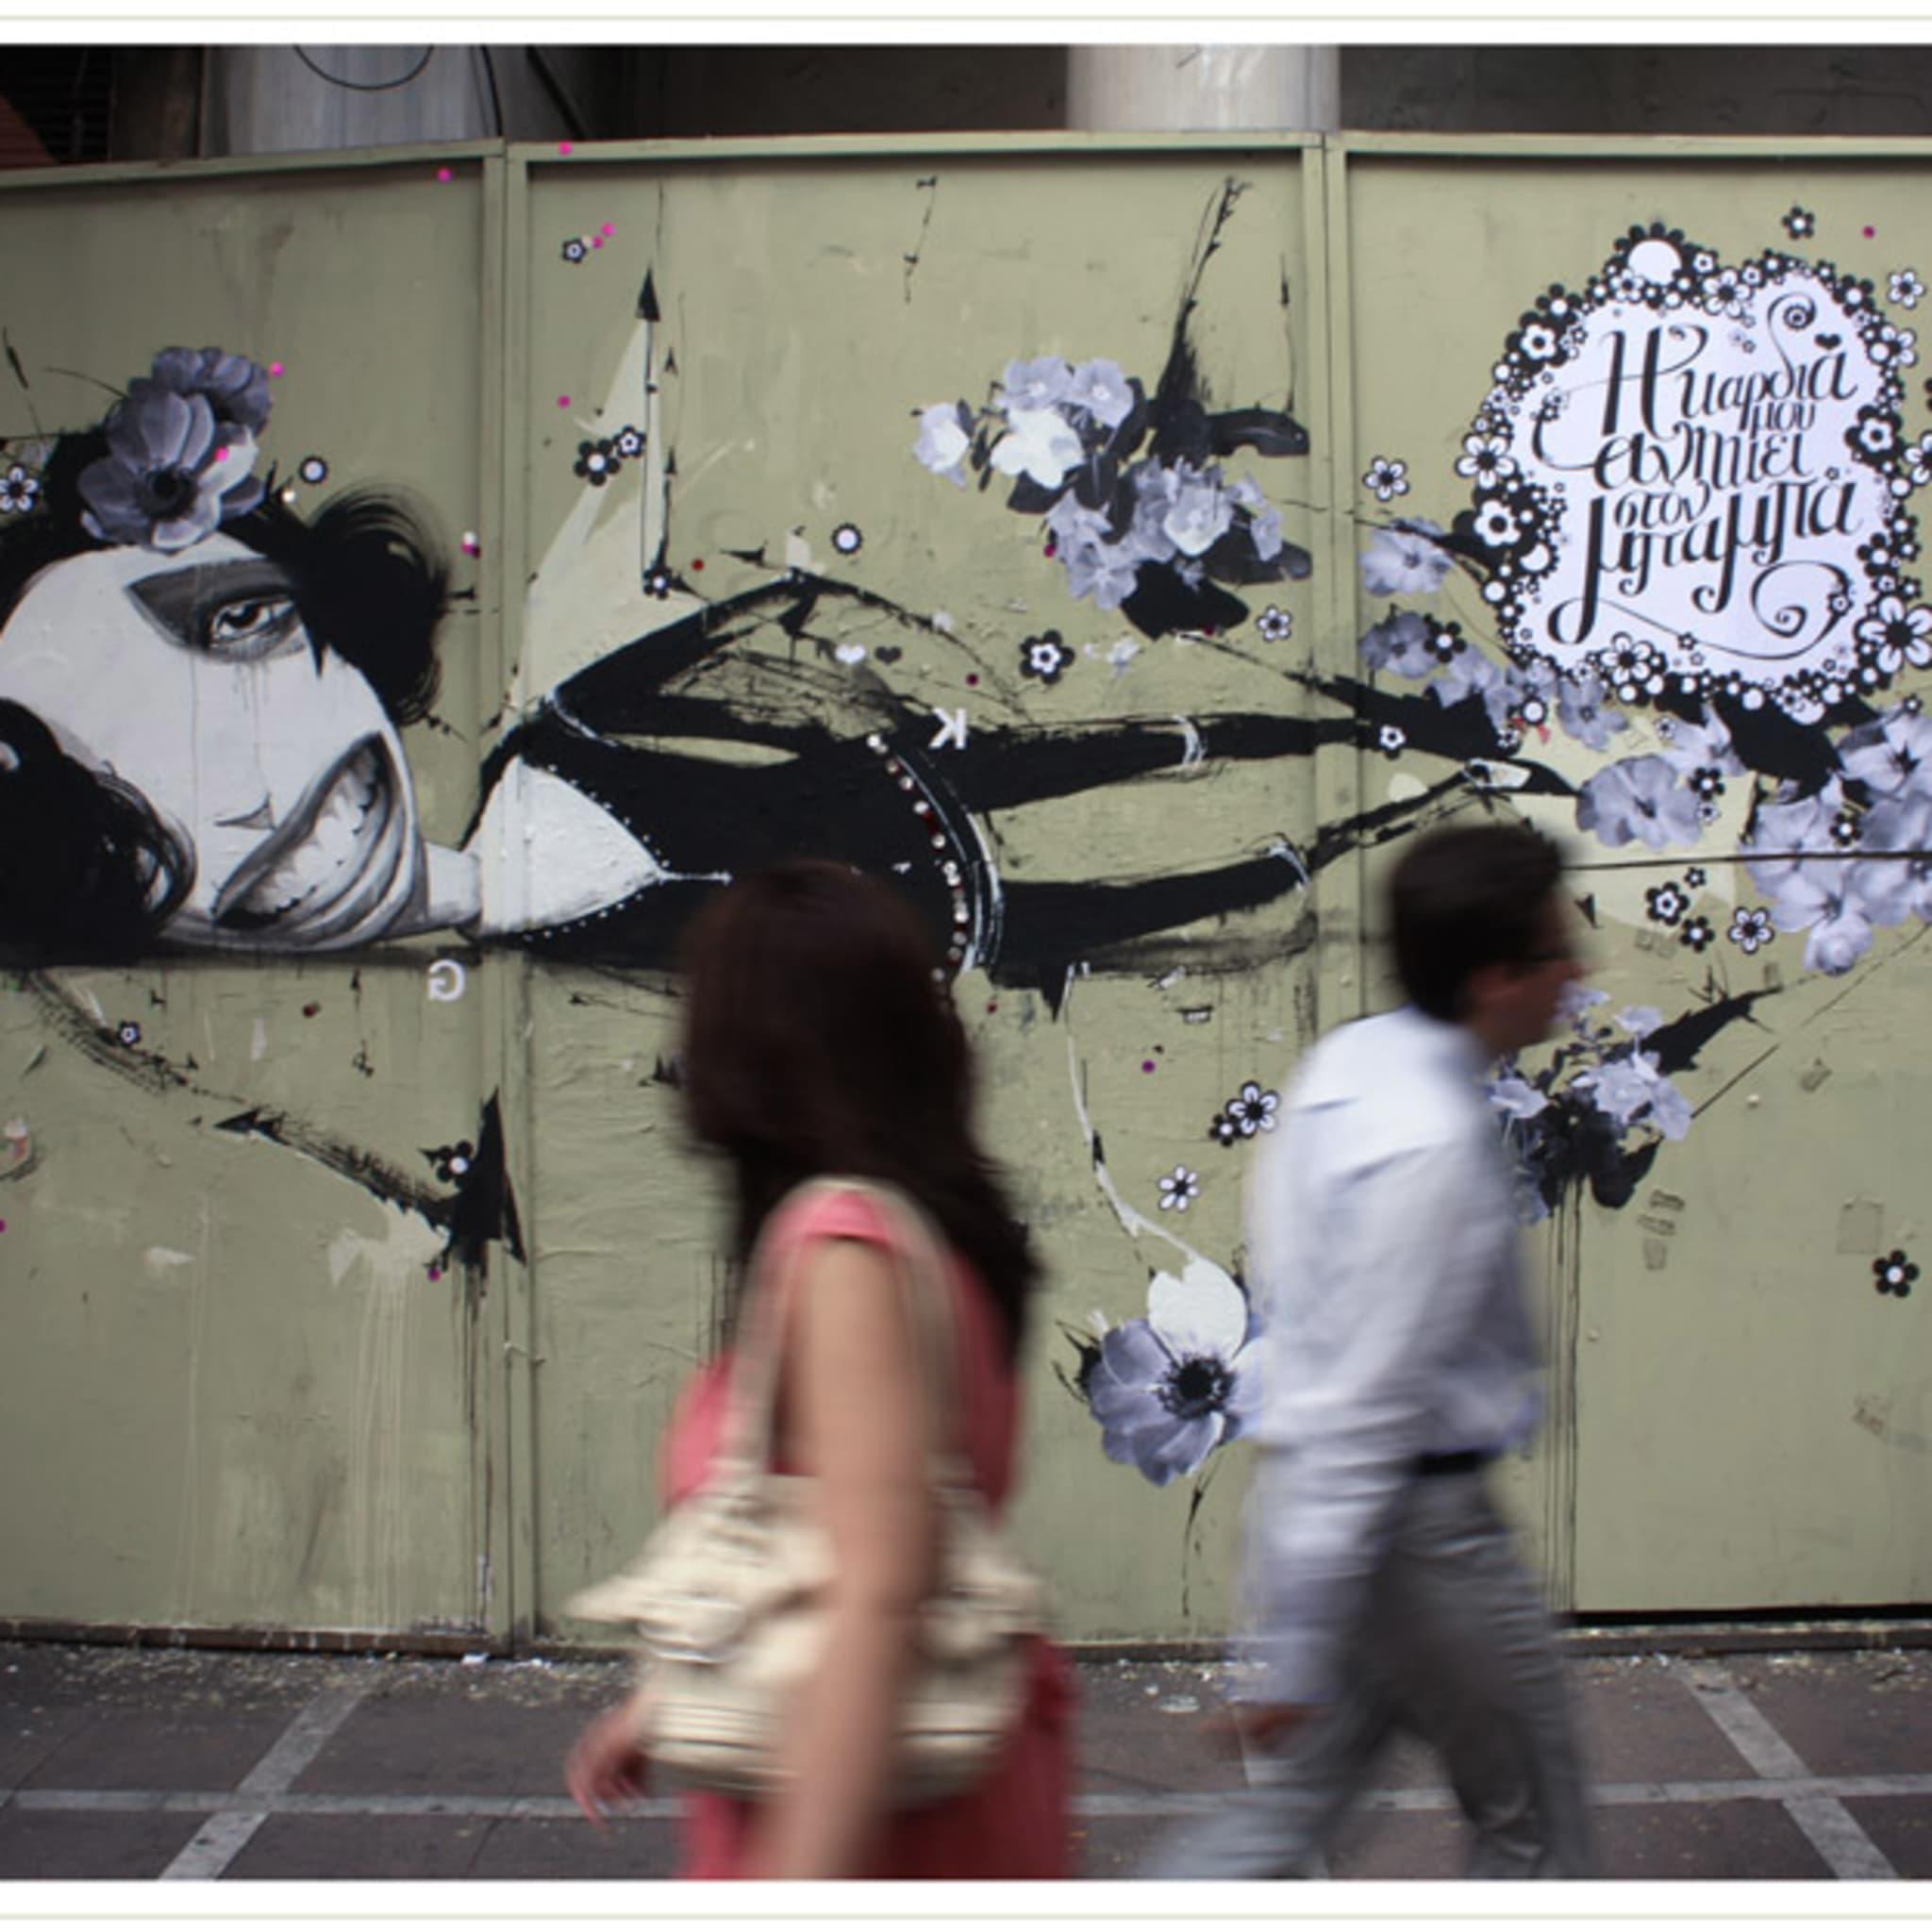 Paris Koutsikos